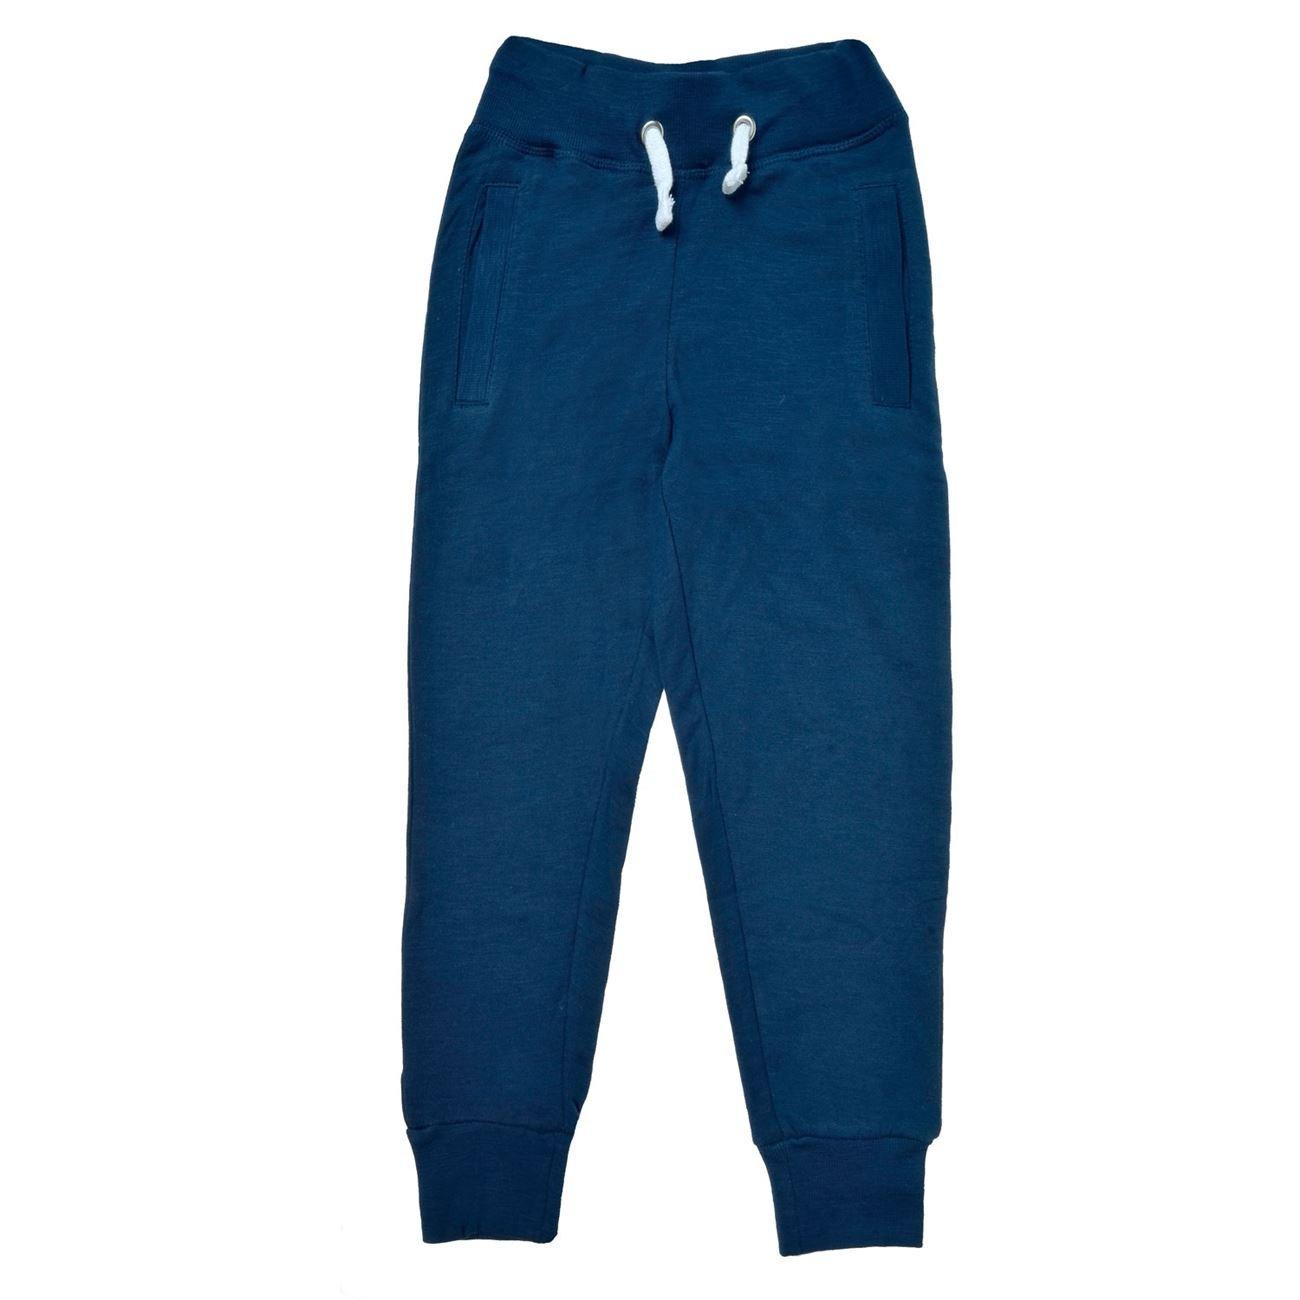 Παντελόνι Παιδικό Φούτερ Blue Navy   Παντελόνια Φούτερ για Αγόρια ... d1615538e3e